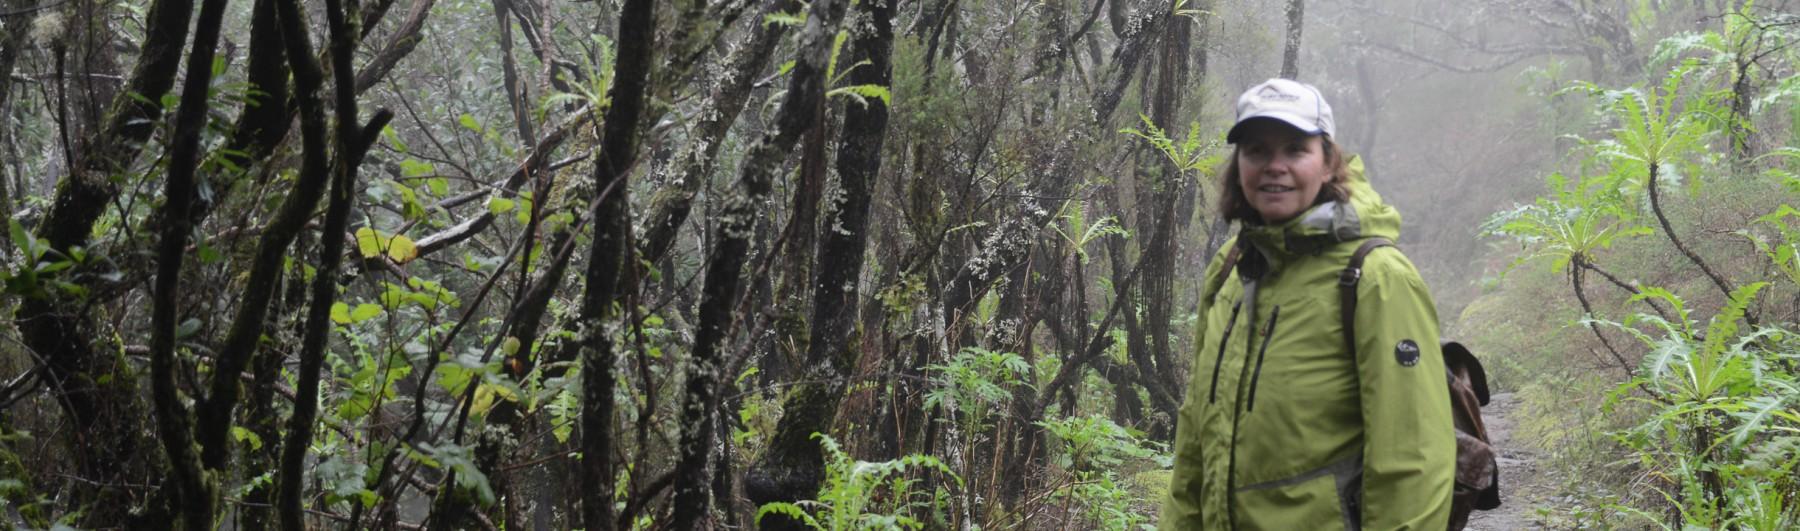 Heidi Mühlenberg im Lorbeerwald von La Gomera